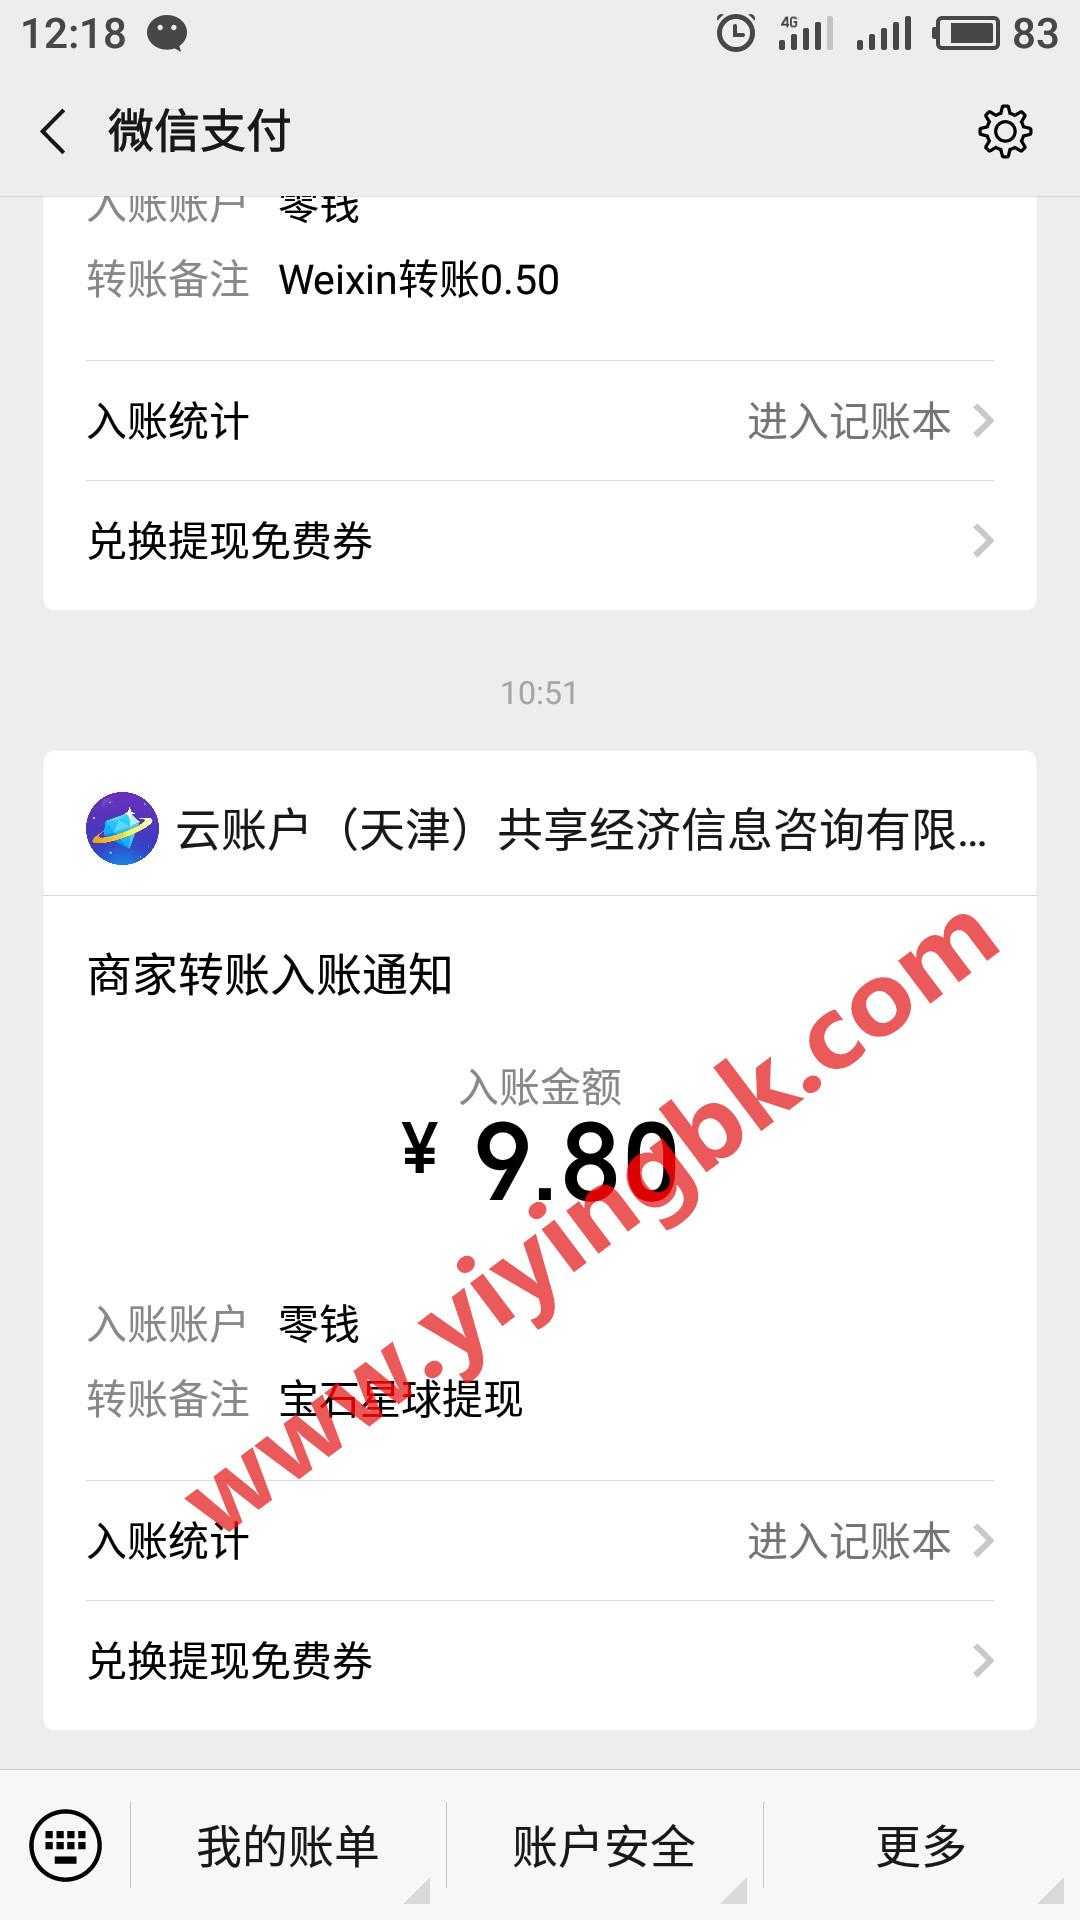 玩手机游戏免费赚钱,微信提现9.8元,www.yiyingbk.com